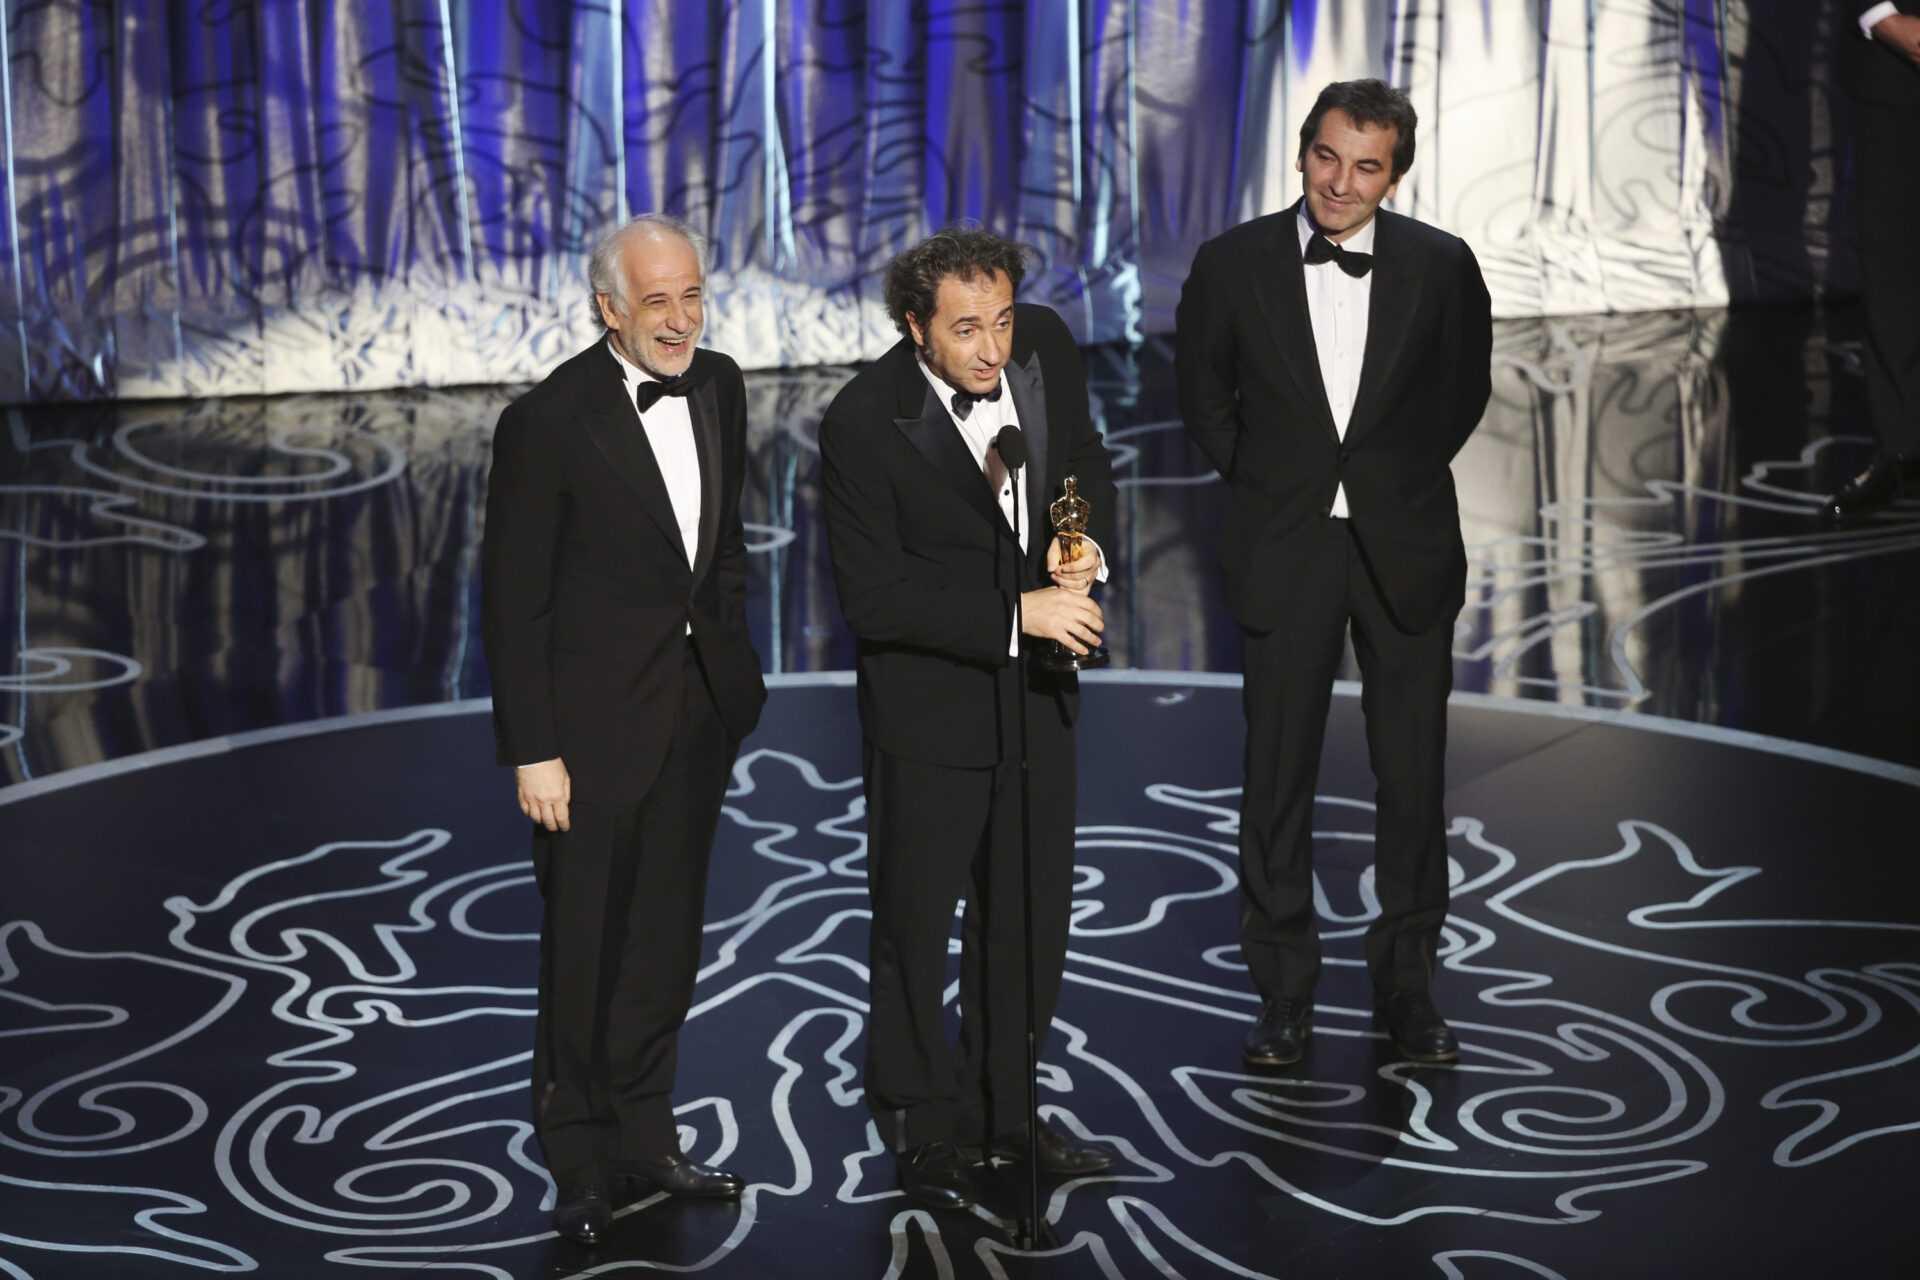 Su Cielo il meglio de La notte degli Oscar 2014   Digitale terrestre: Dtti.it